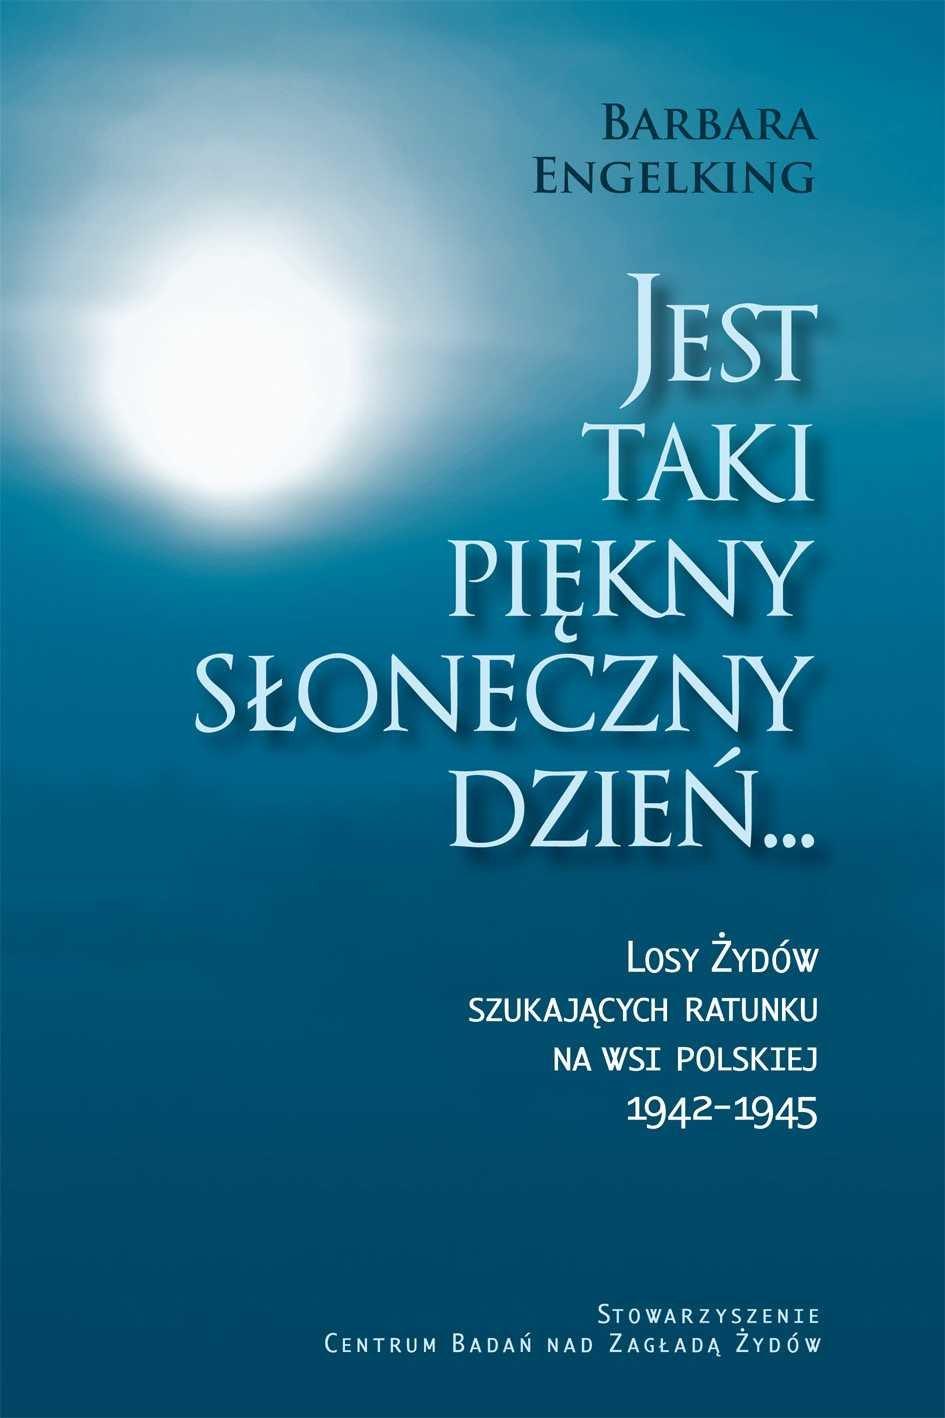 Jest taki piękny słoneczny dzień... Losy Żydów szukających ratunku na wsi polskiej 1942-1945 - Ebook (Książka na Kindle) do pobrania w formacie MOBI